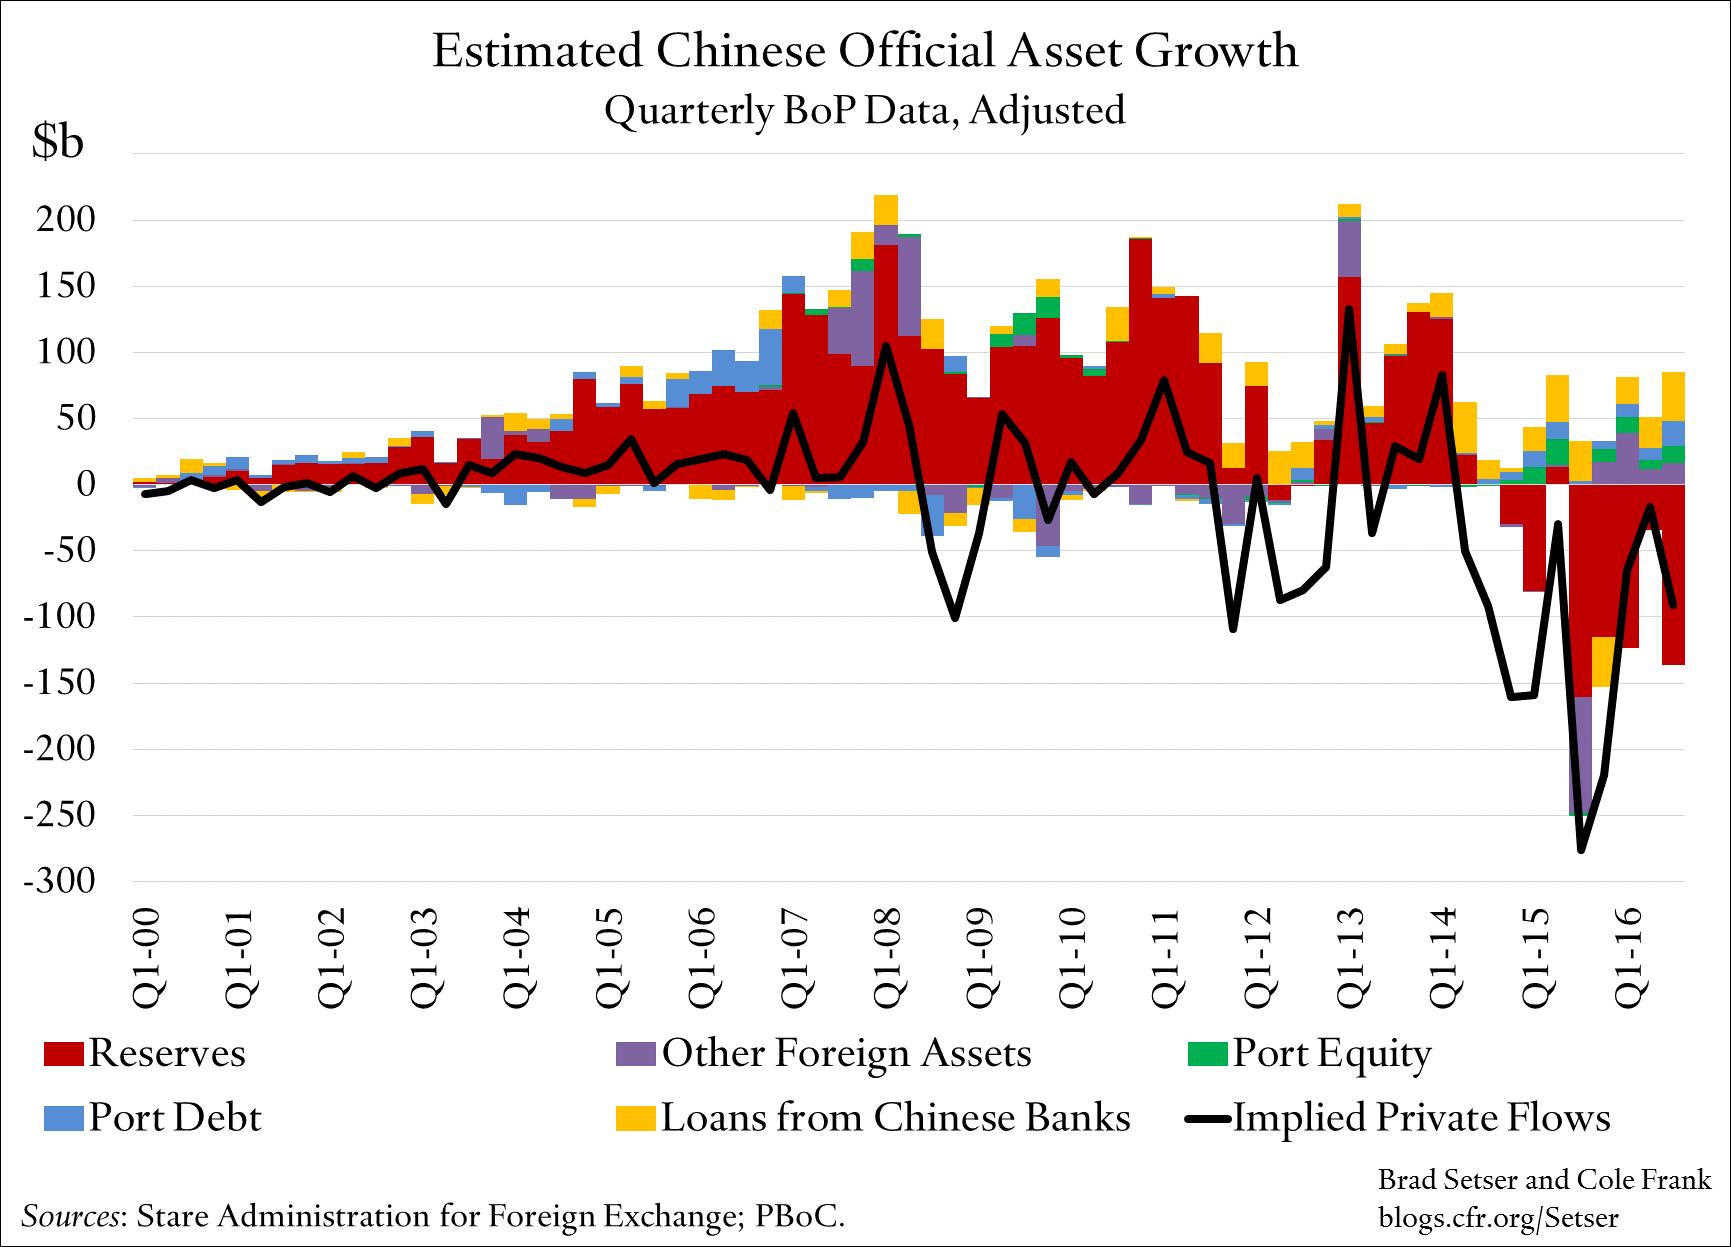 est_chi_off_asset_growth